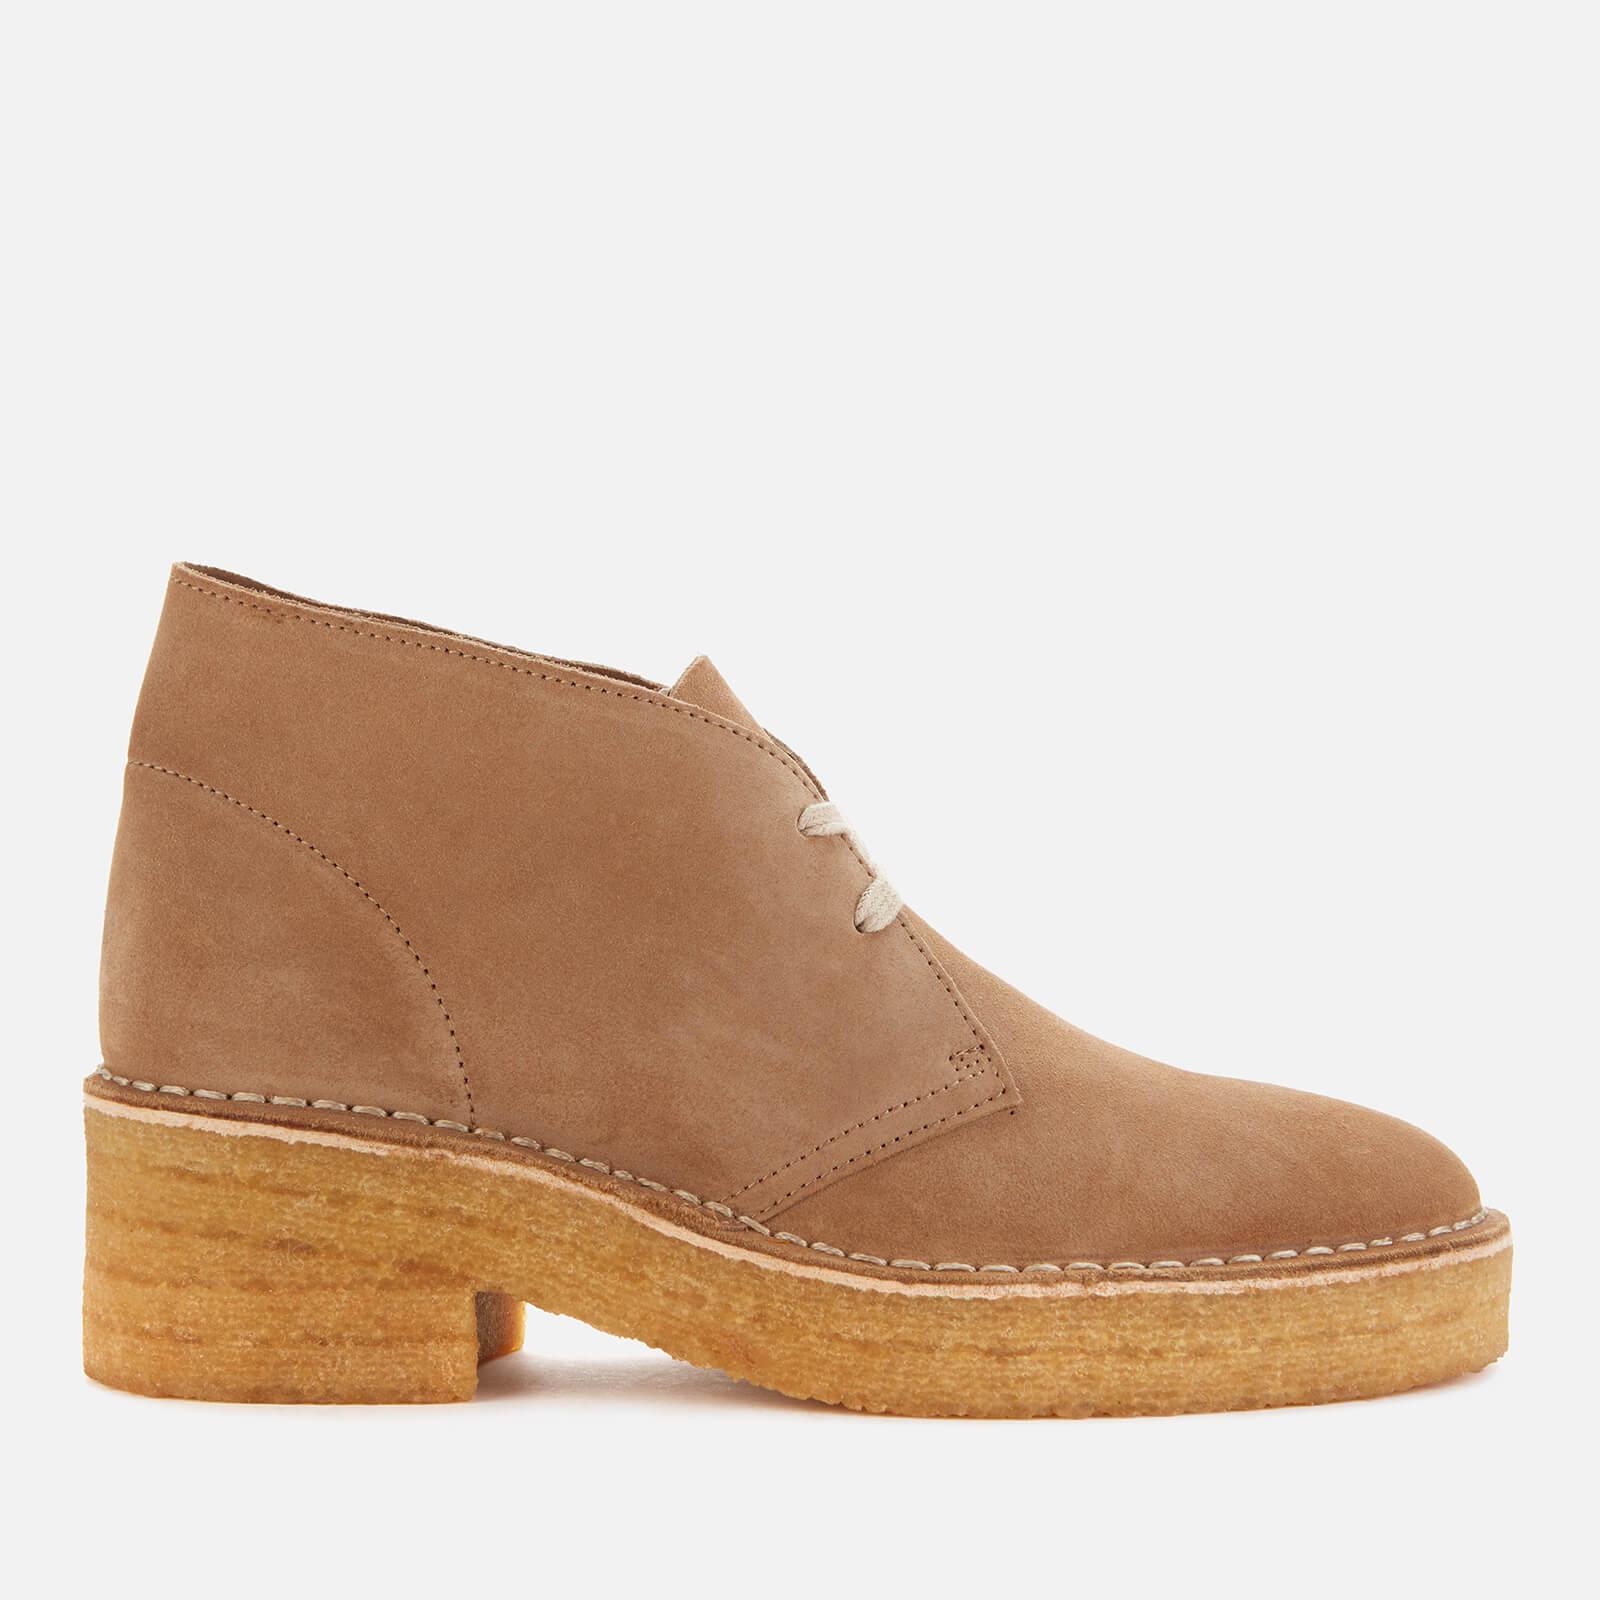 Clarks Originals Women's Arisa Desert Suede Heeled Boots - Dark Sand - Uk 7